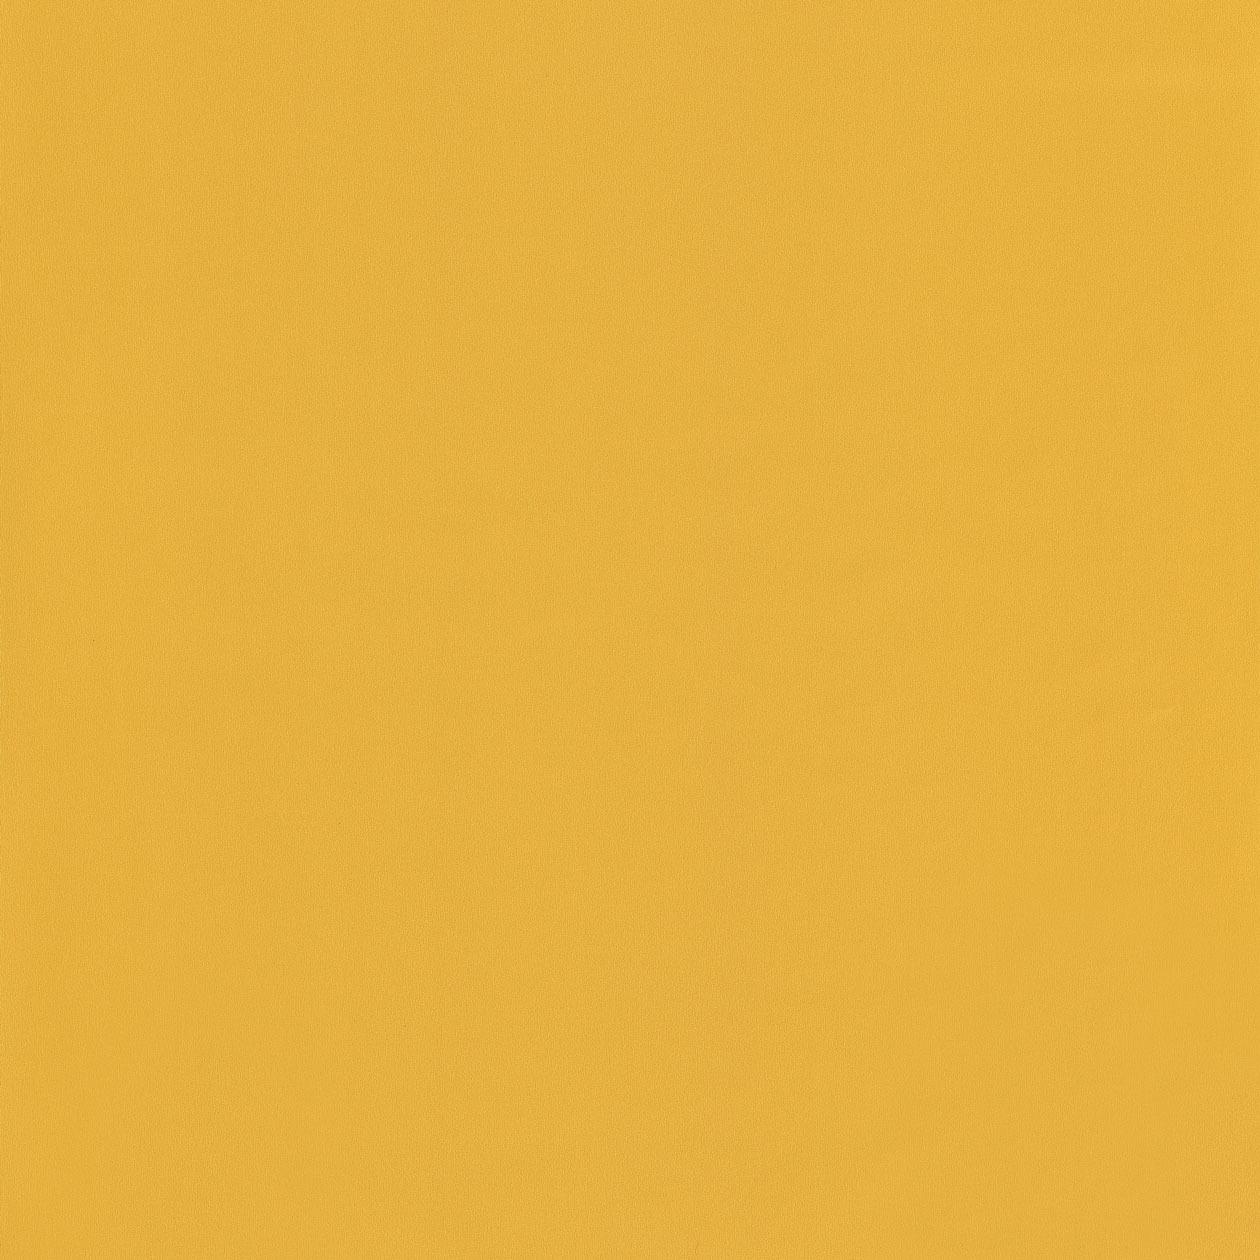 Napsárga egyszínű akciós tapéta